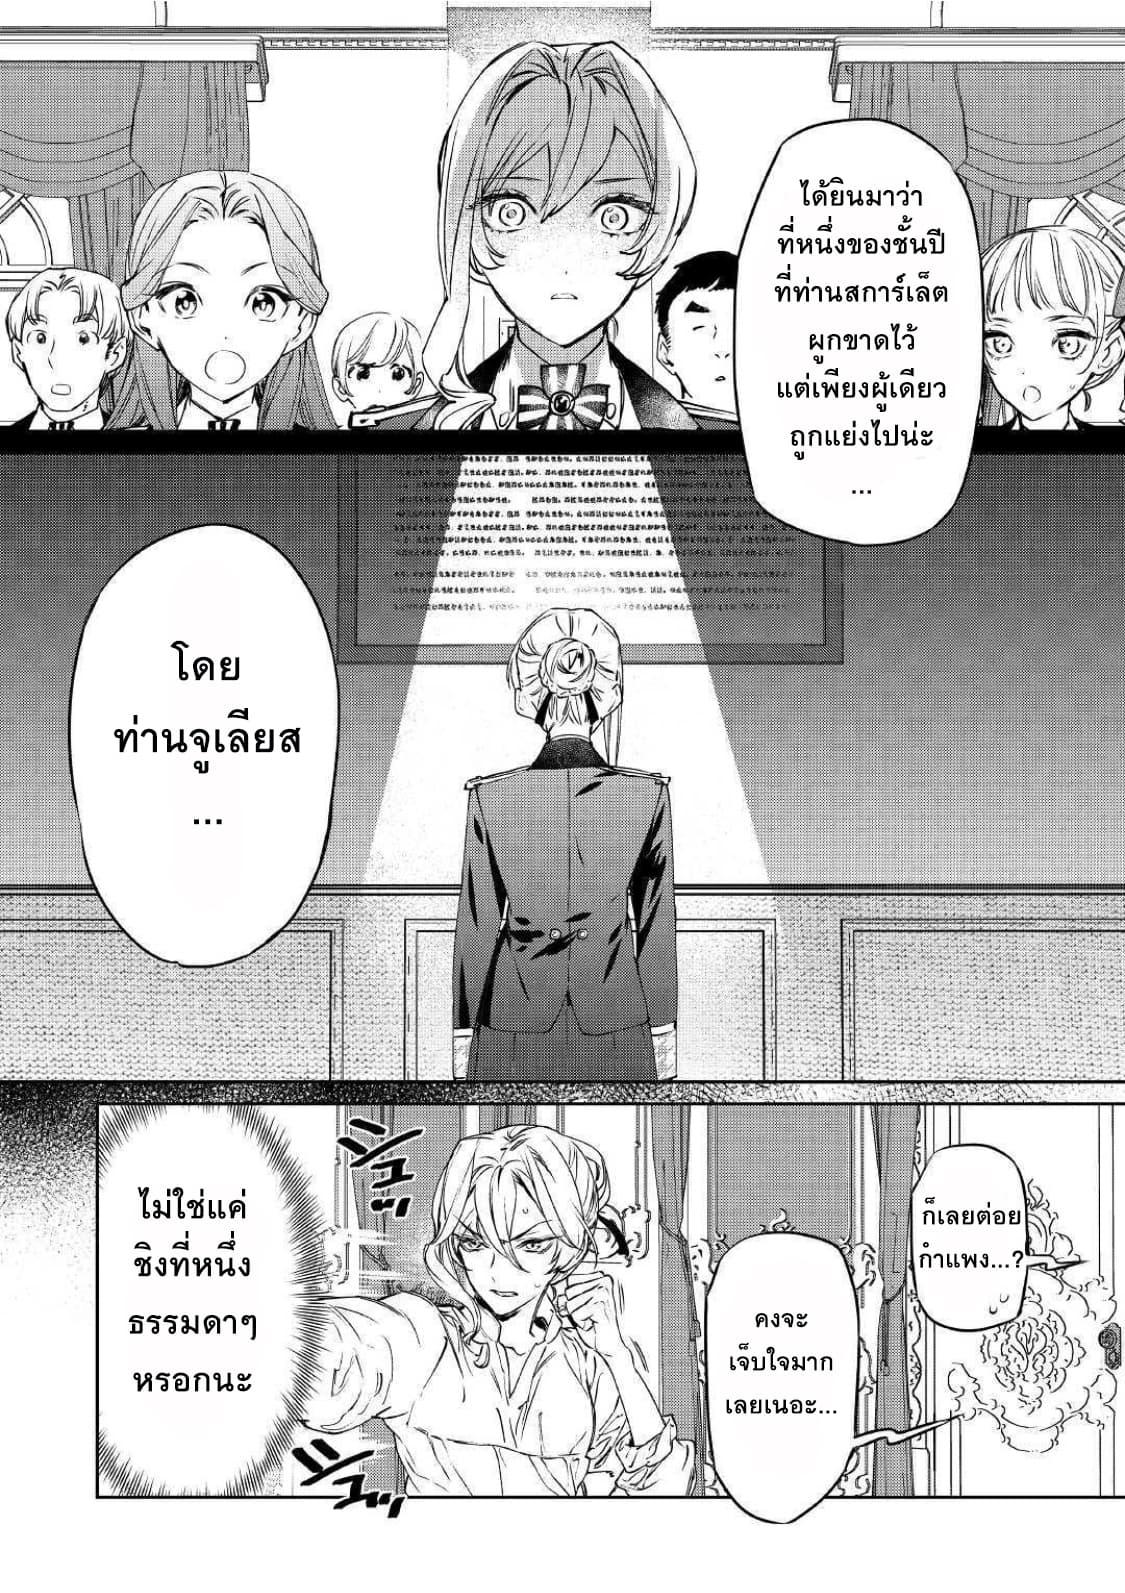 อ่านการ์ตูน Saigo ni Hitotsu Dake Onengai Shitemo Yoroshii Deshouka ตอนที่ 3 หน้าที่ 10